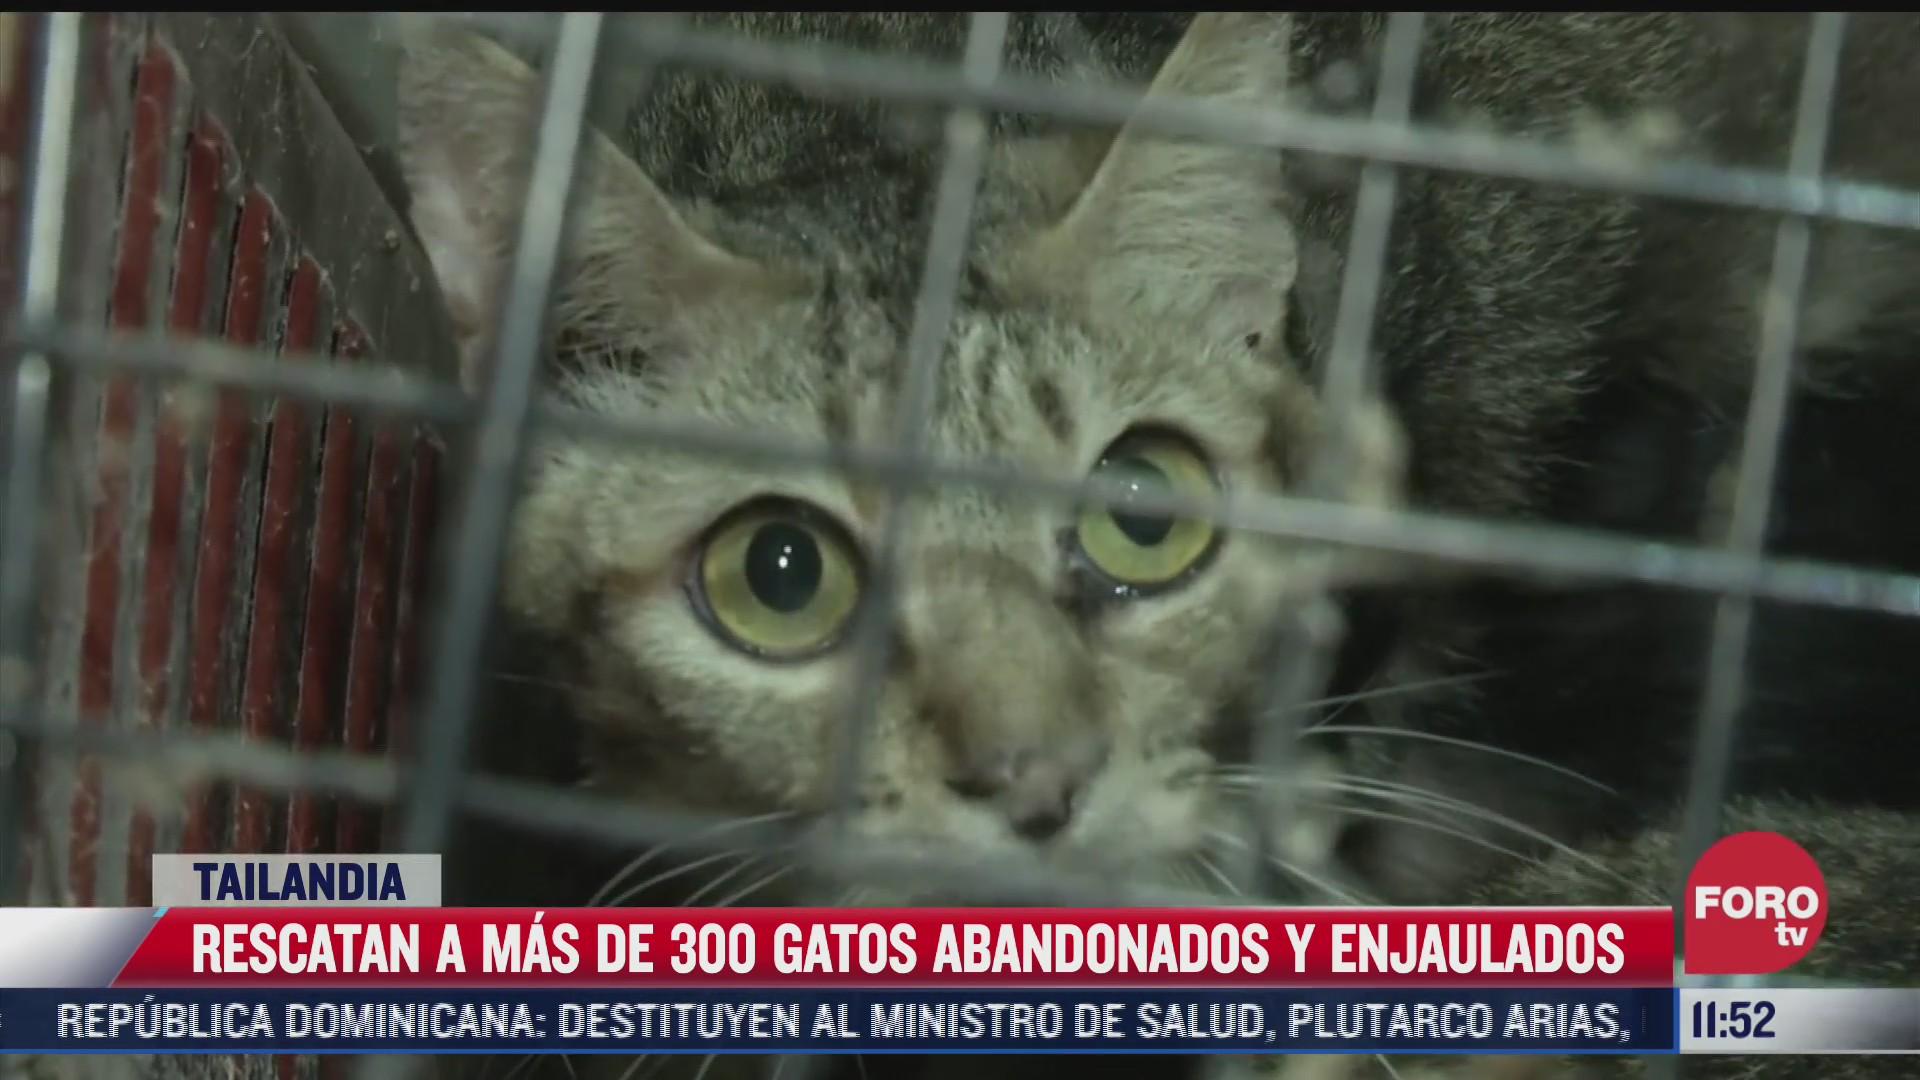 rescatan a mas de 300 gatos abandonados y enjaulados en tailandia